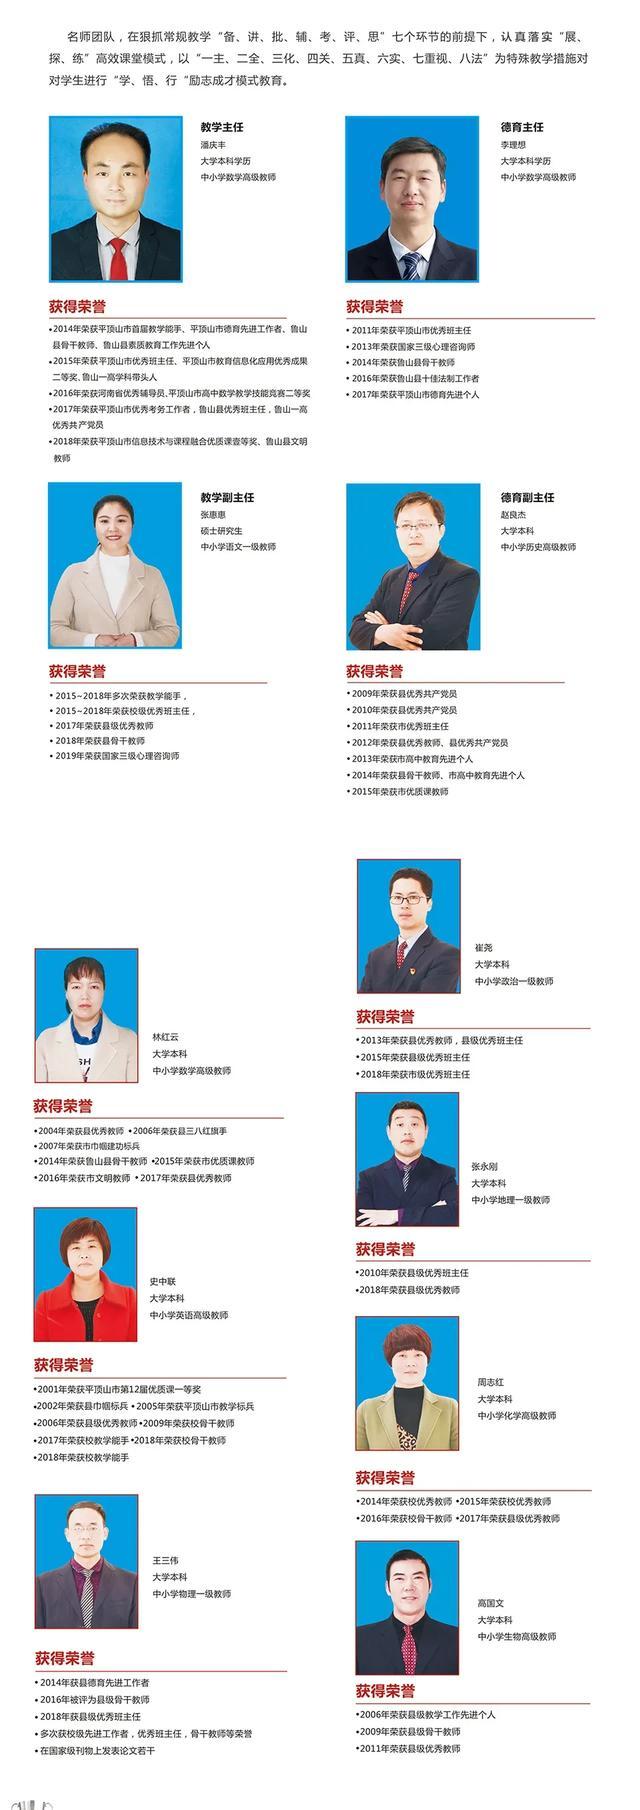 鲁山县兴源高级中学2020年招生简章插图6